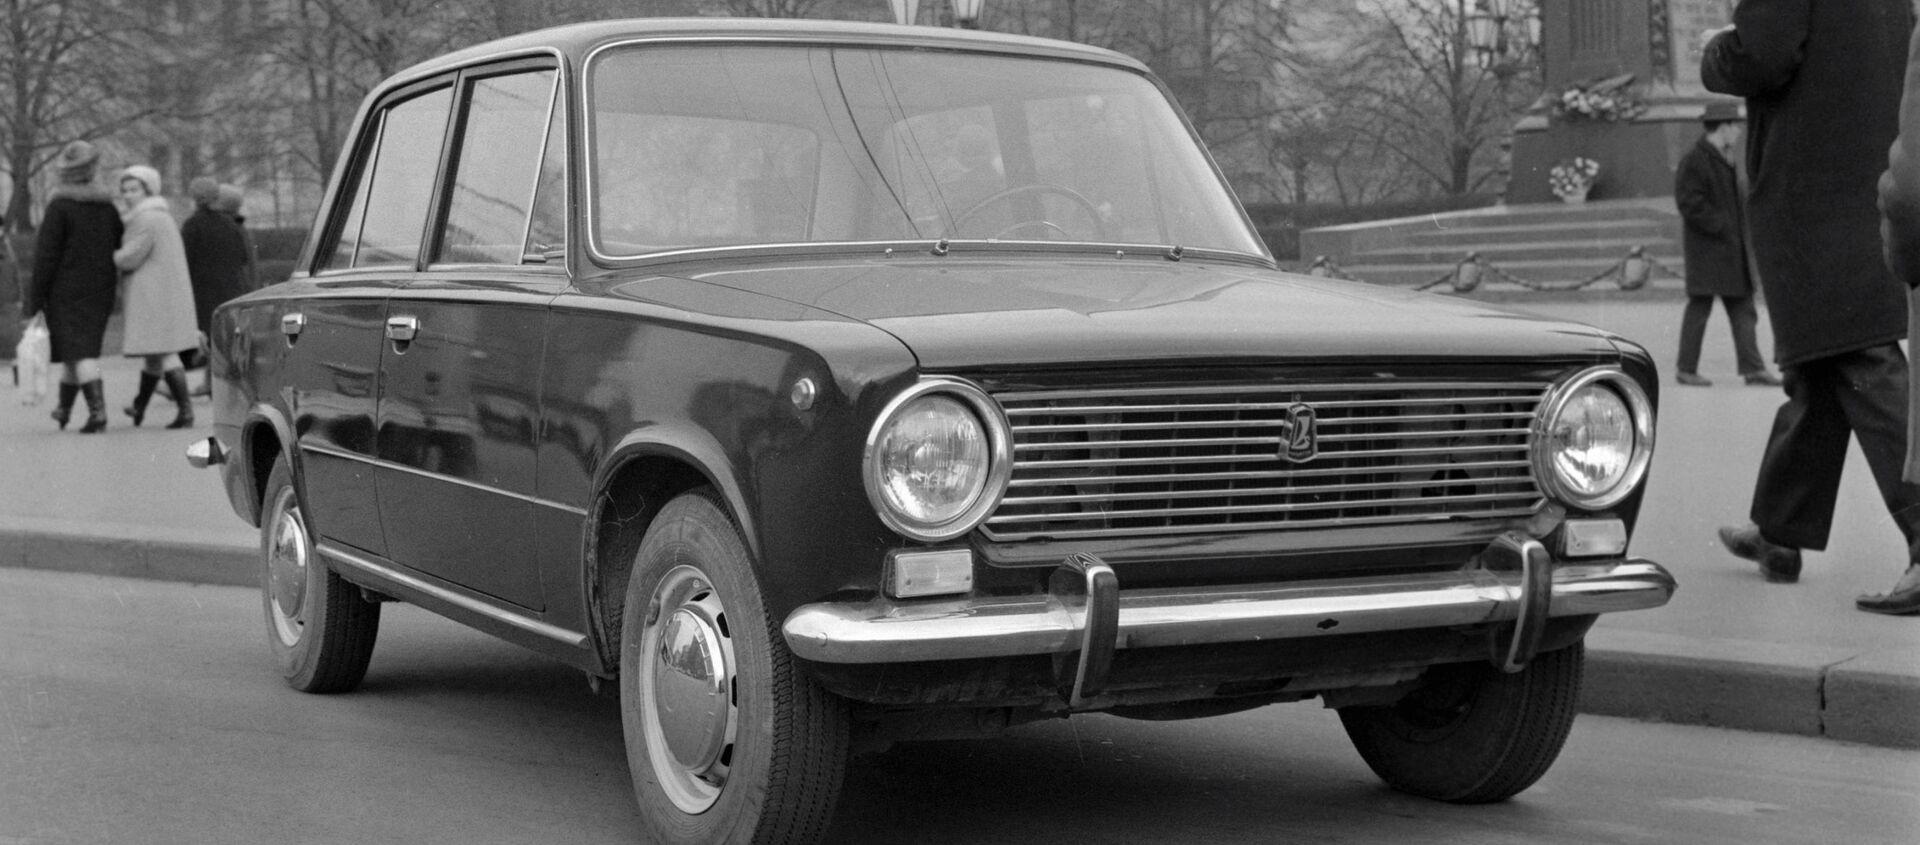 El coche de los sueños: el legendario 'kópek' soviético cumple 50 años - Sputnik Mundo, 1920, 19.04.2020